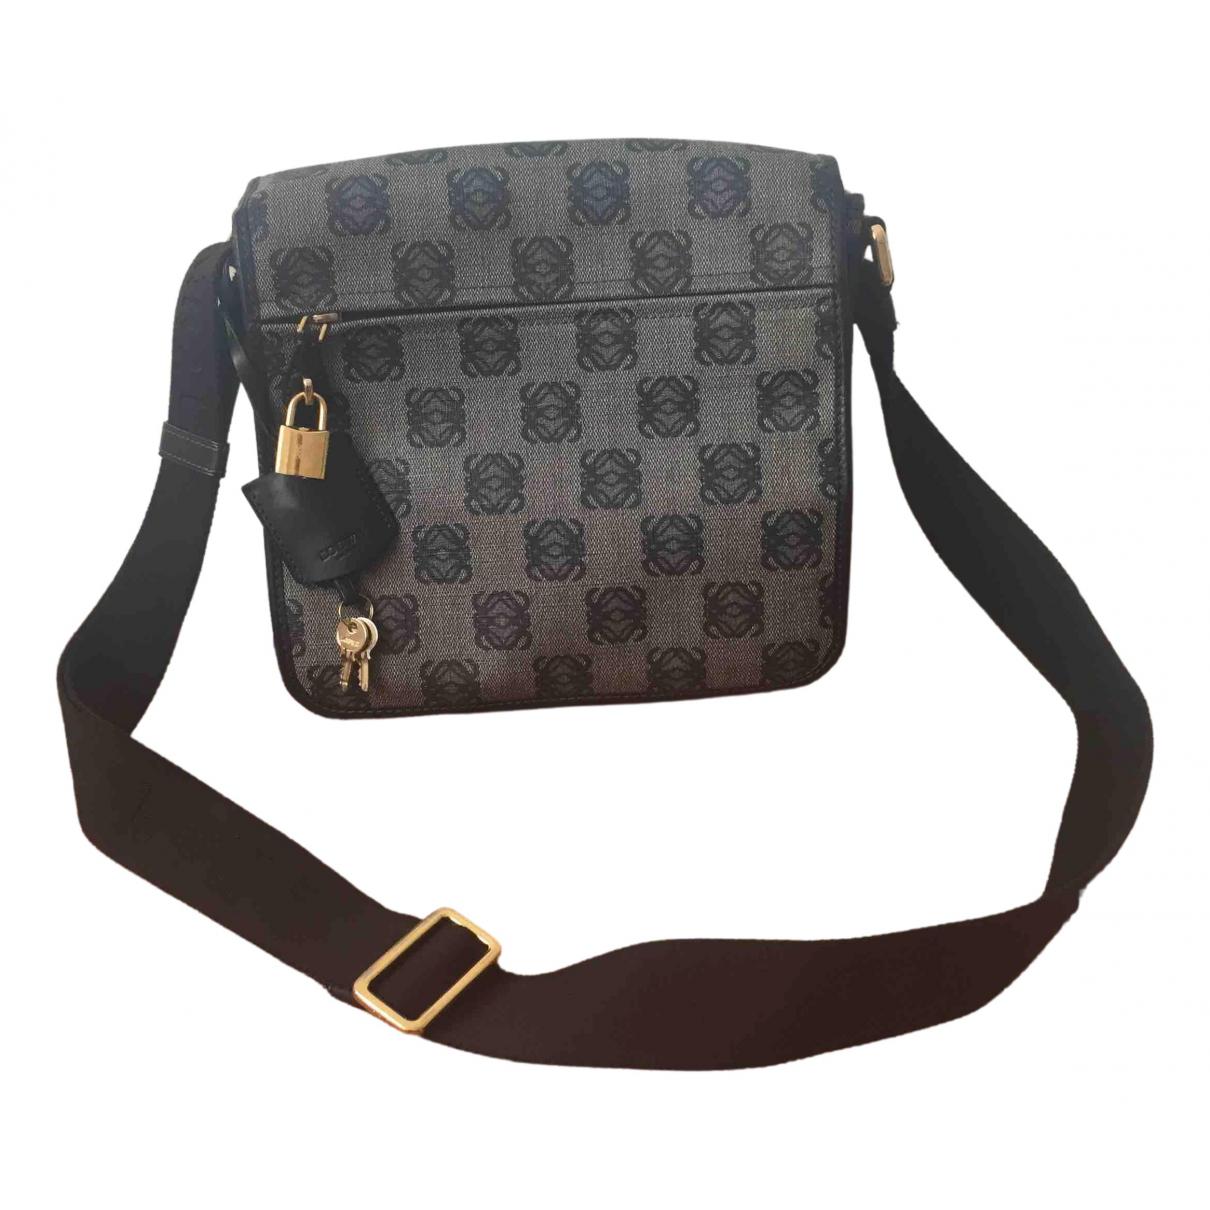 Loewe \N Handtasche in  Grau Leinen